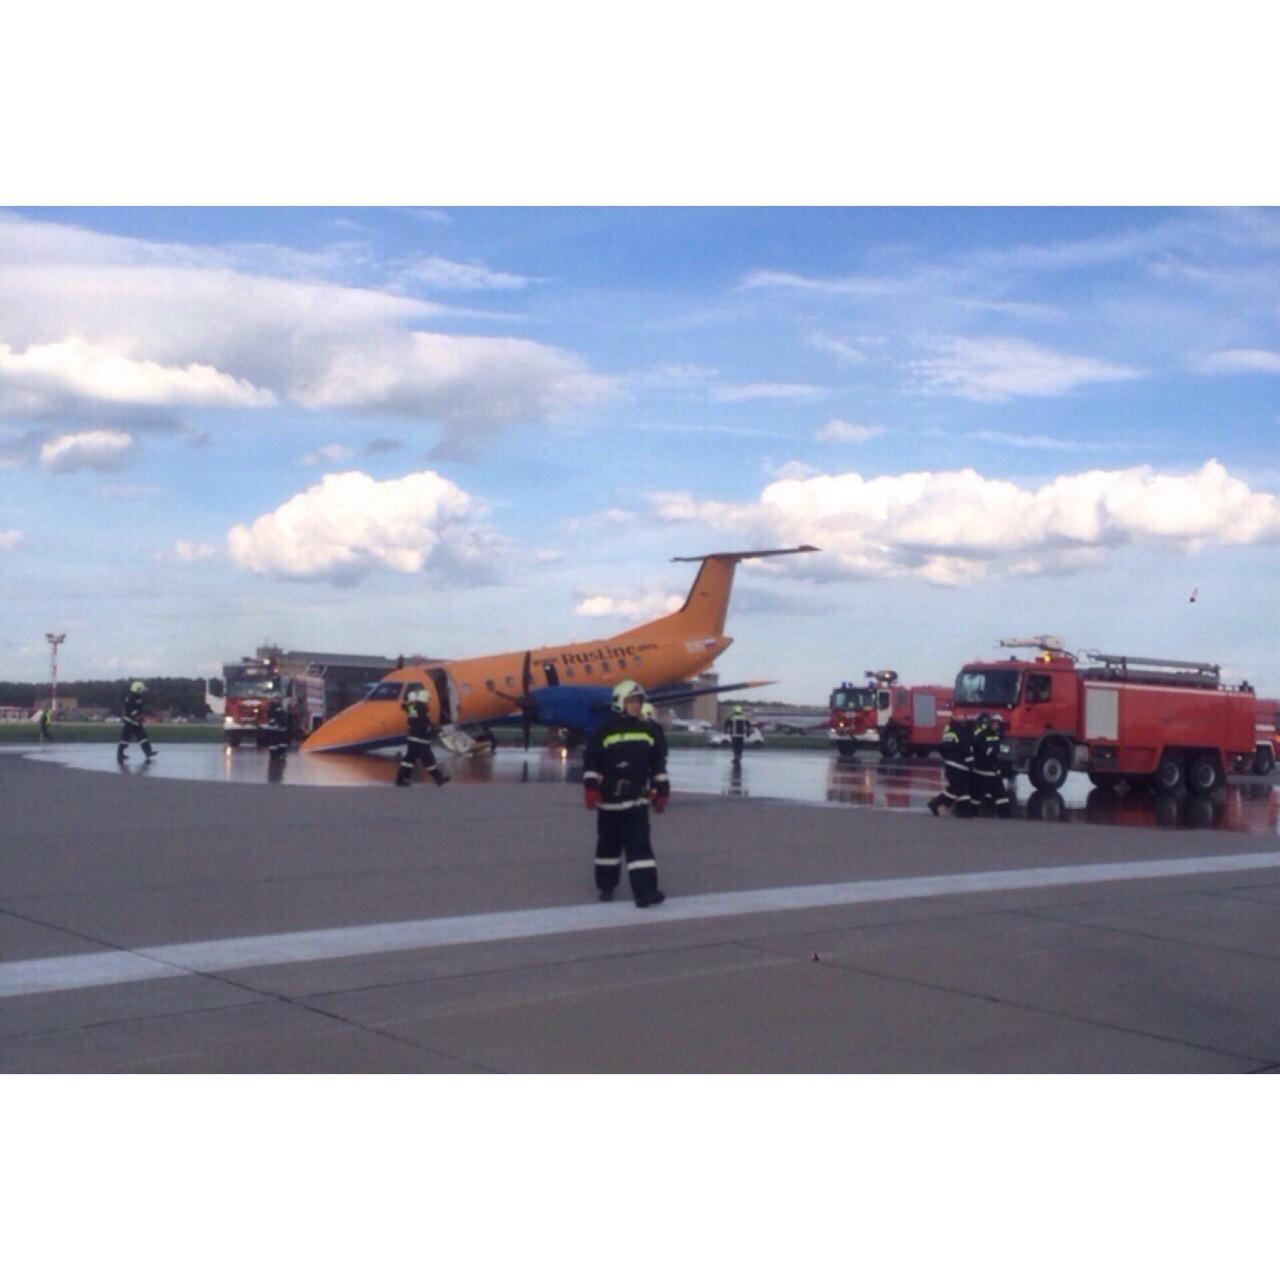 В Домодедово аварийно сел самолет с не выпущенным шасси